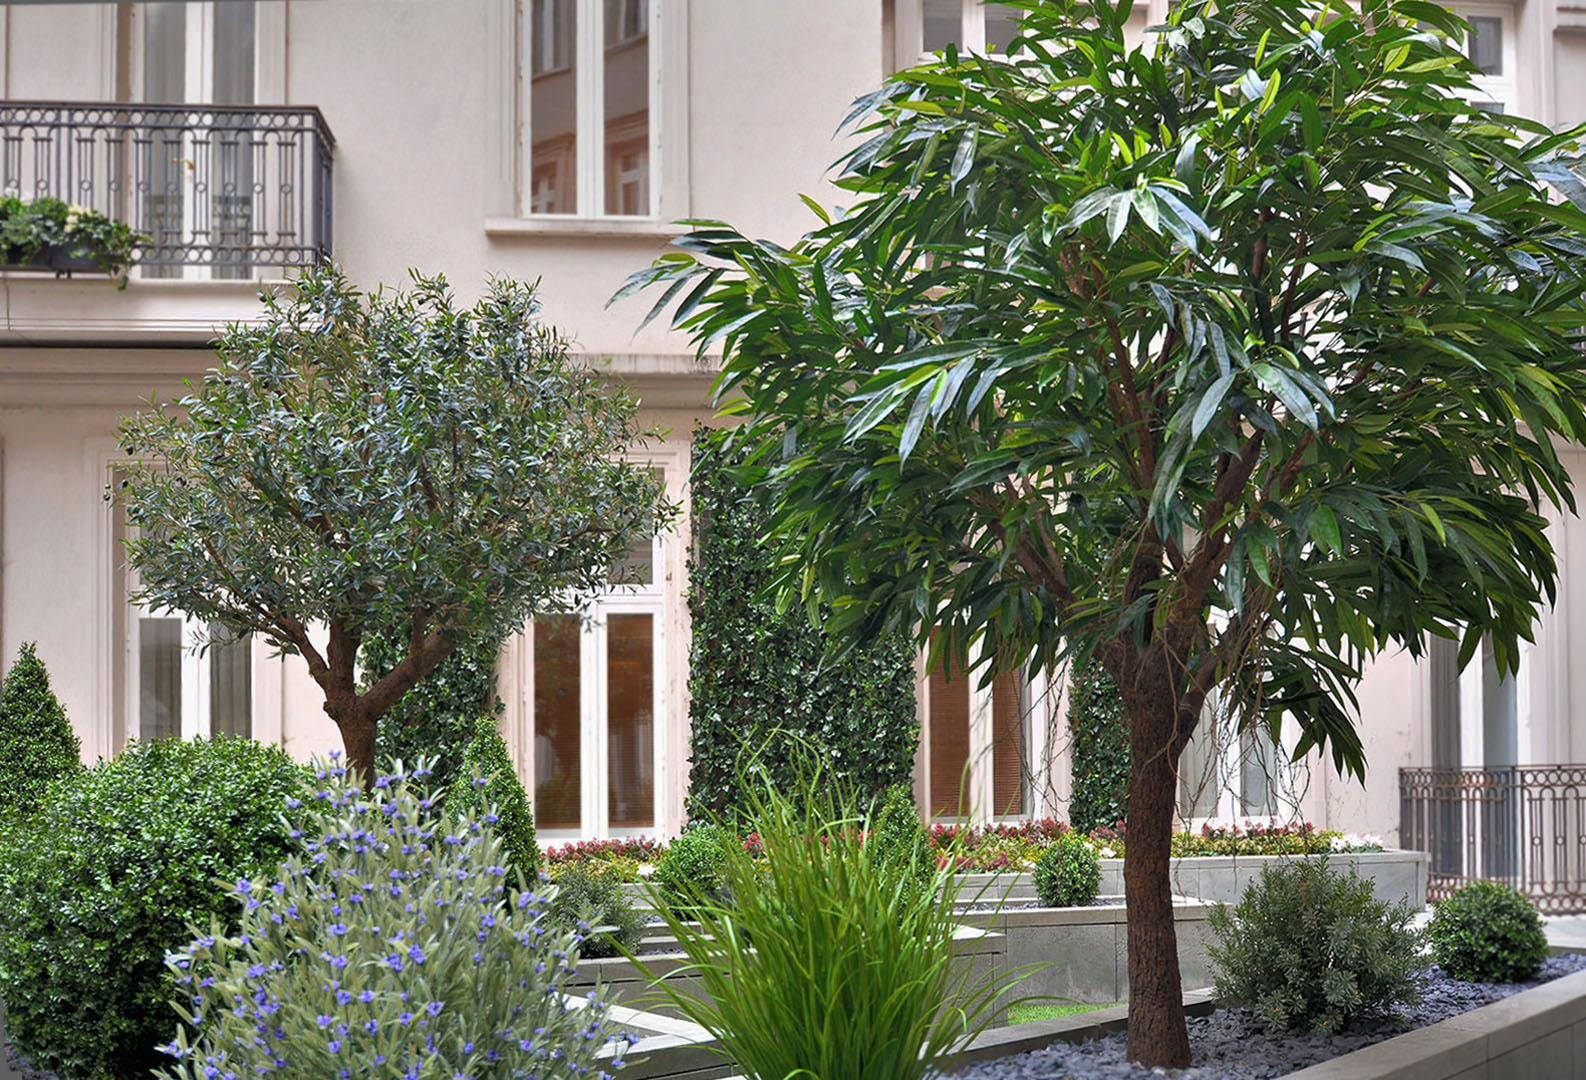 415 Corinthia hotel courtyard 2, olive, mango and base planting